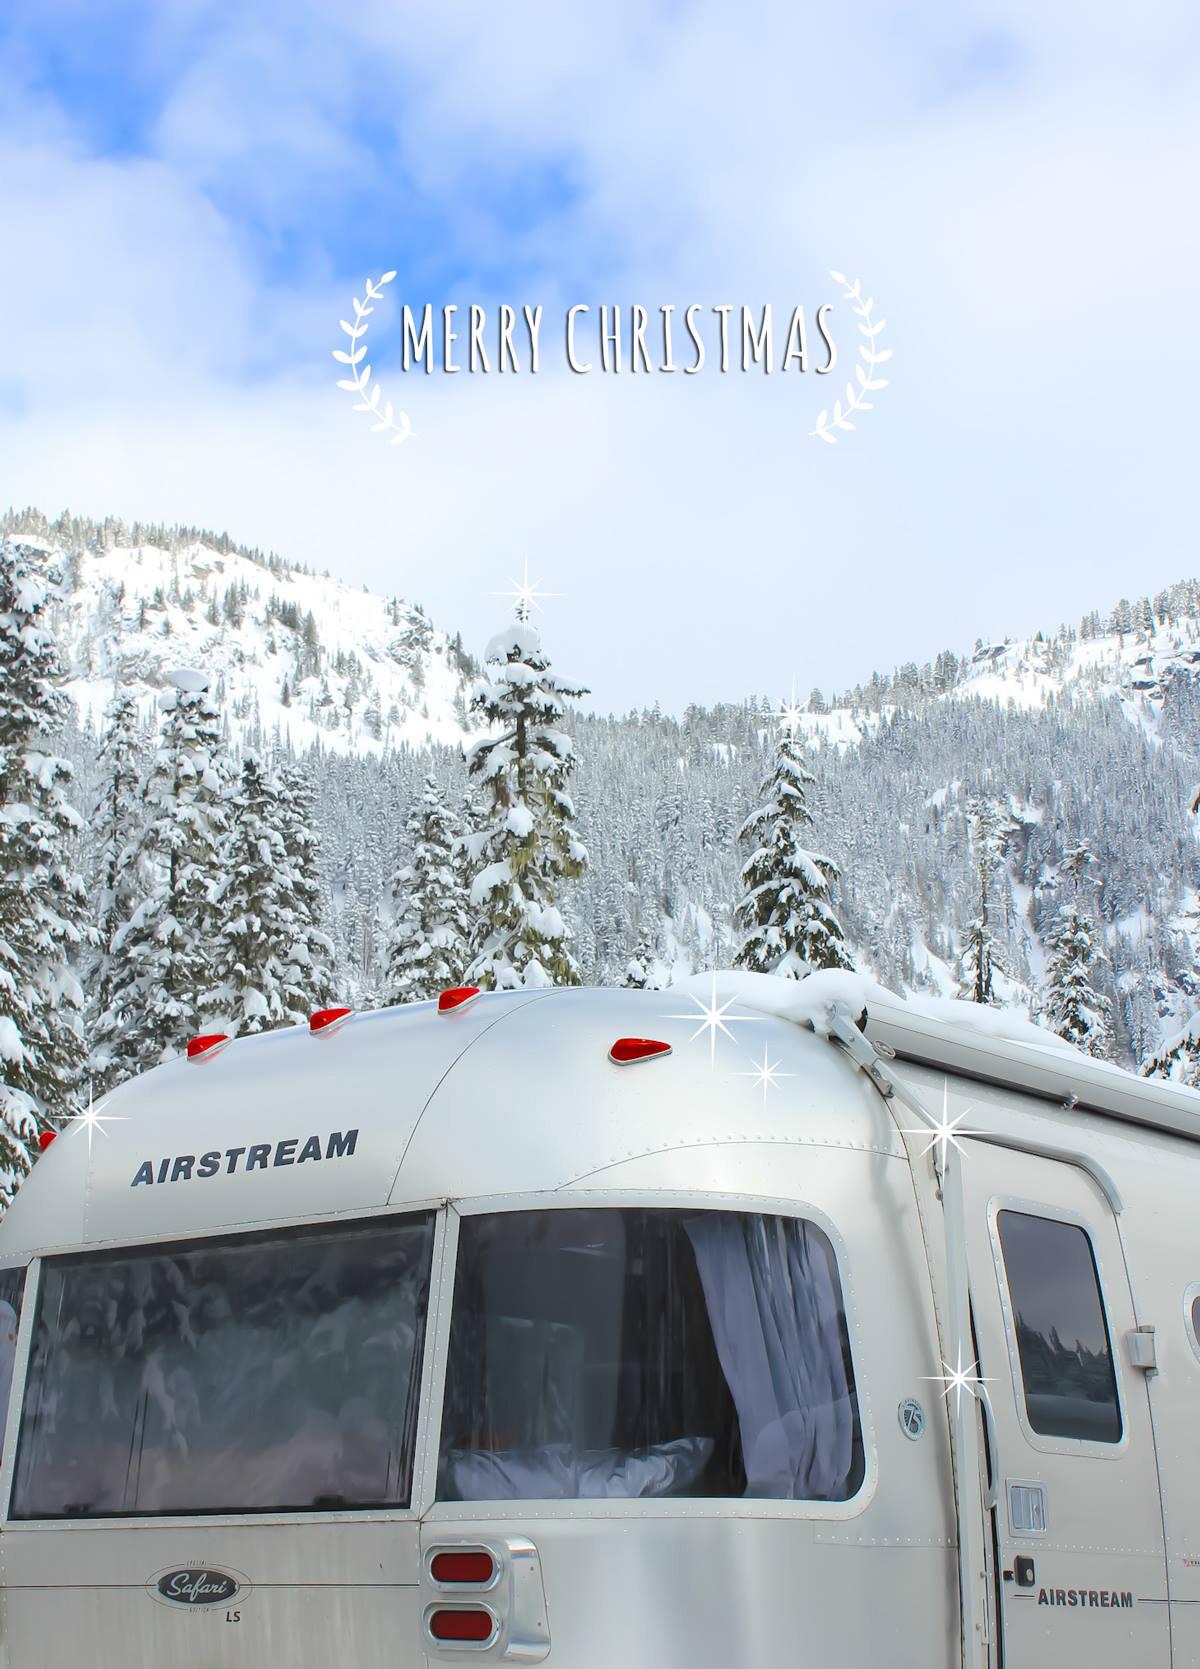 Airstream Merry Christmas via J5MM.com